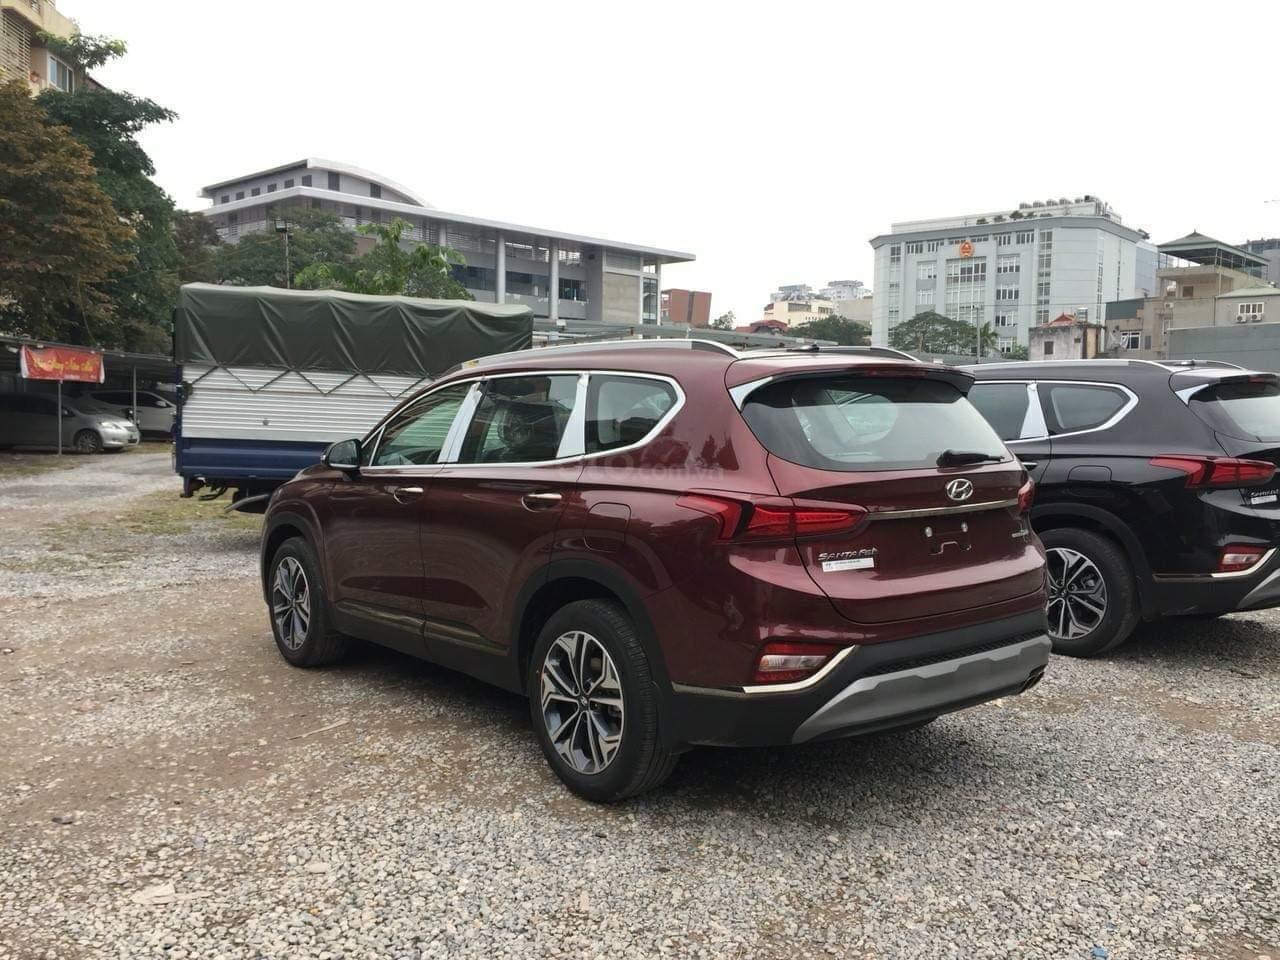 Bán Hyundai Santa Fe giao ngay, giá giảm sâu, tặng gói phụ kiện hấp dẫn, LH 0907 321001 (3)